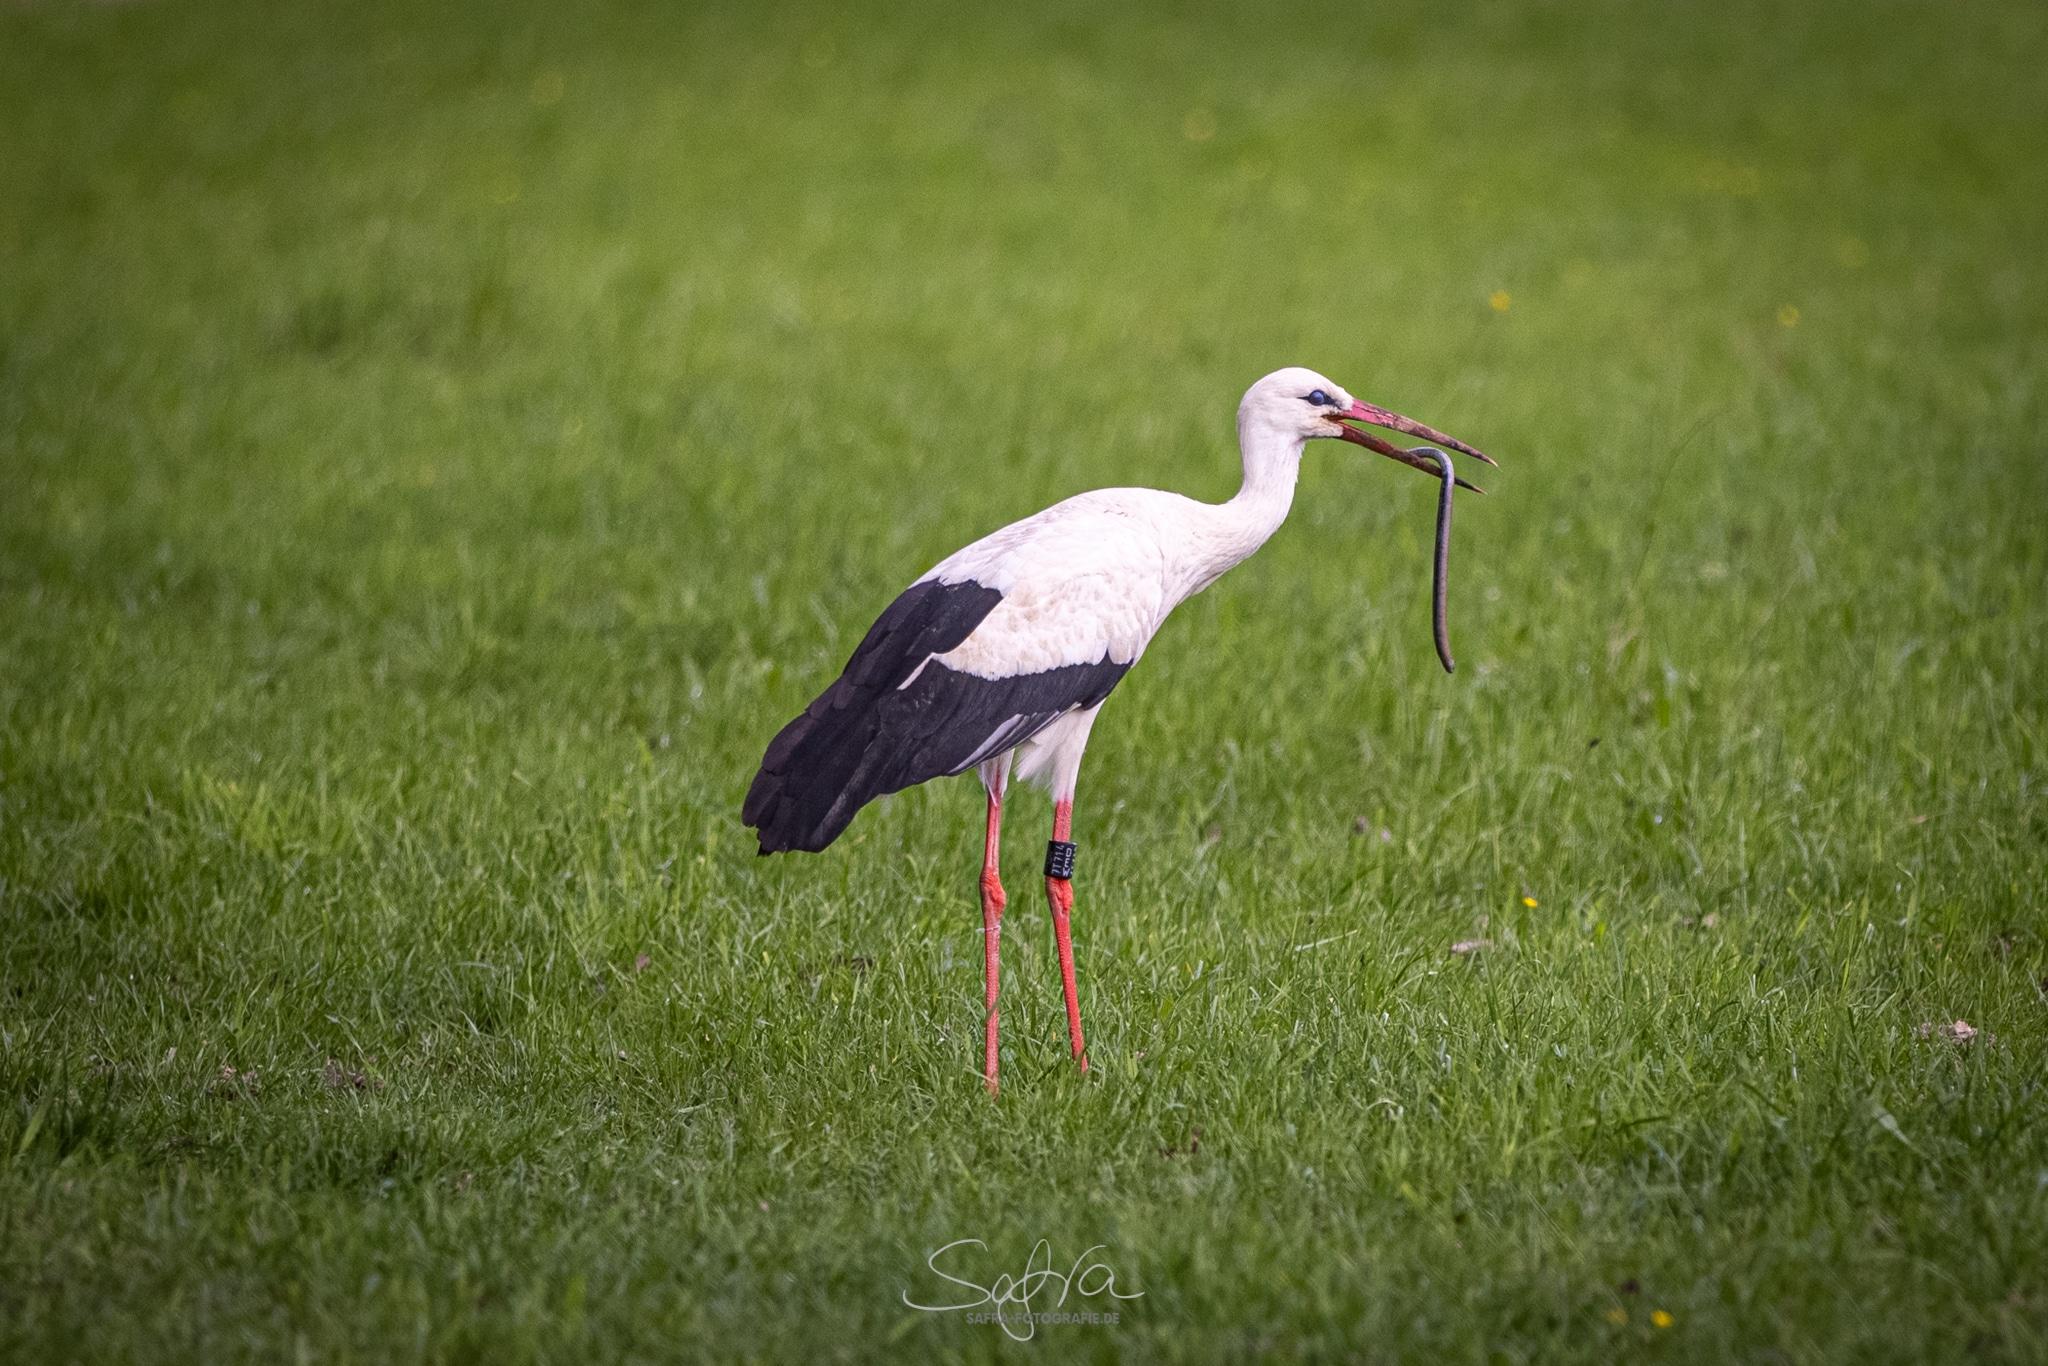 Safra-Fotografie Storch mit Blindschleiche